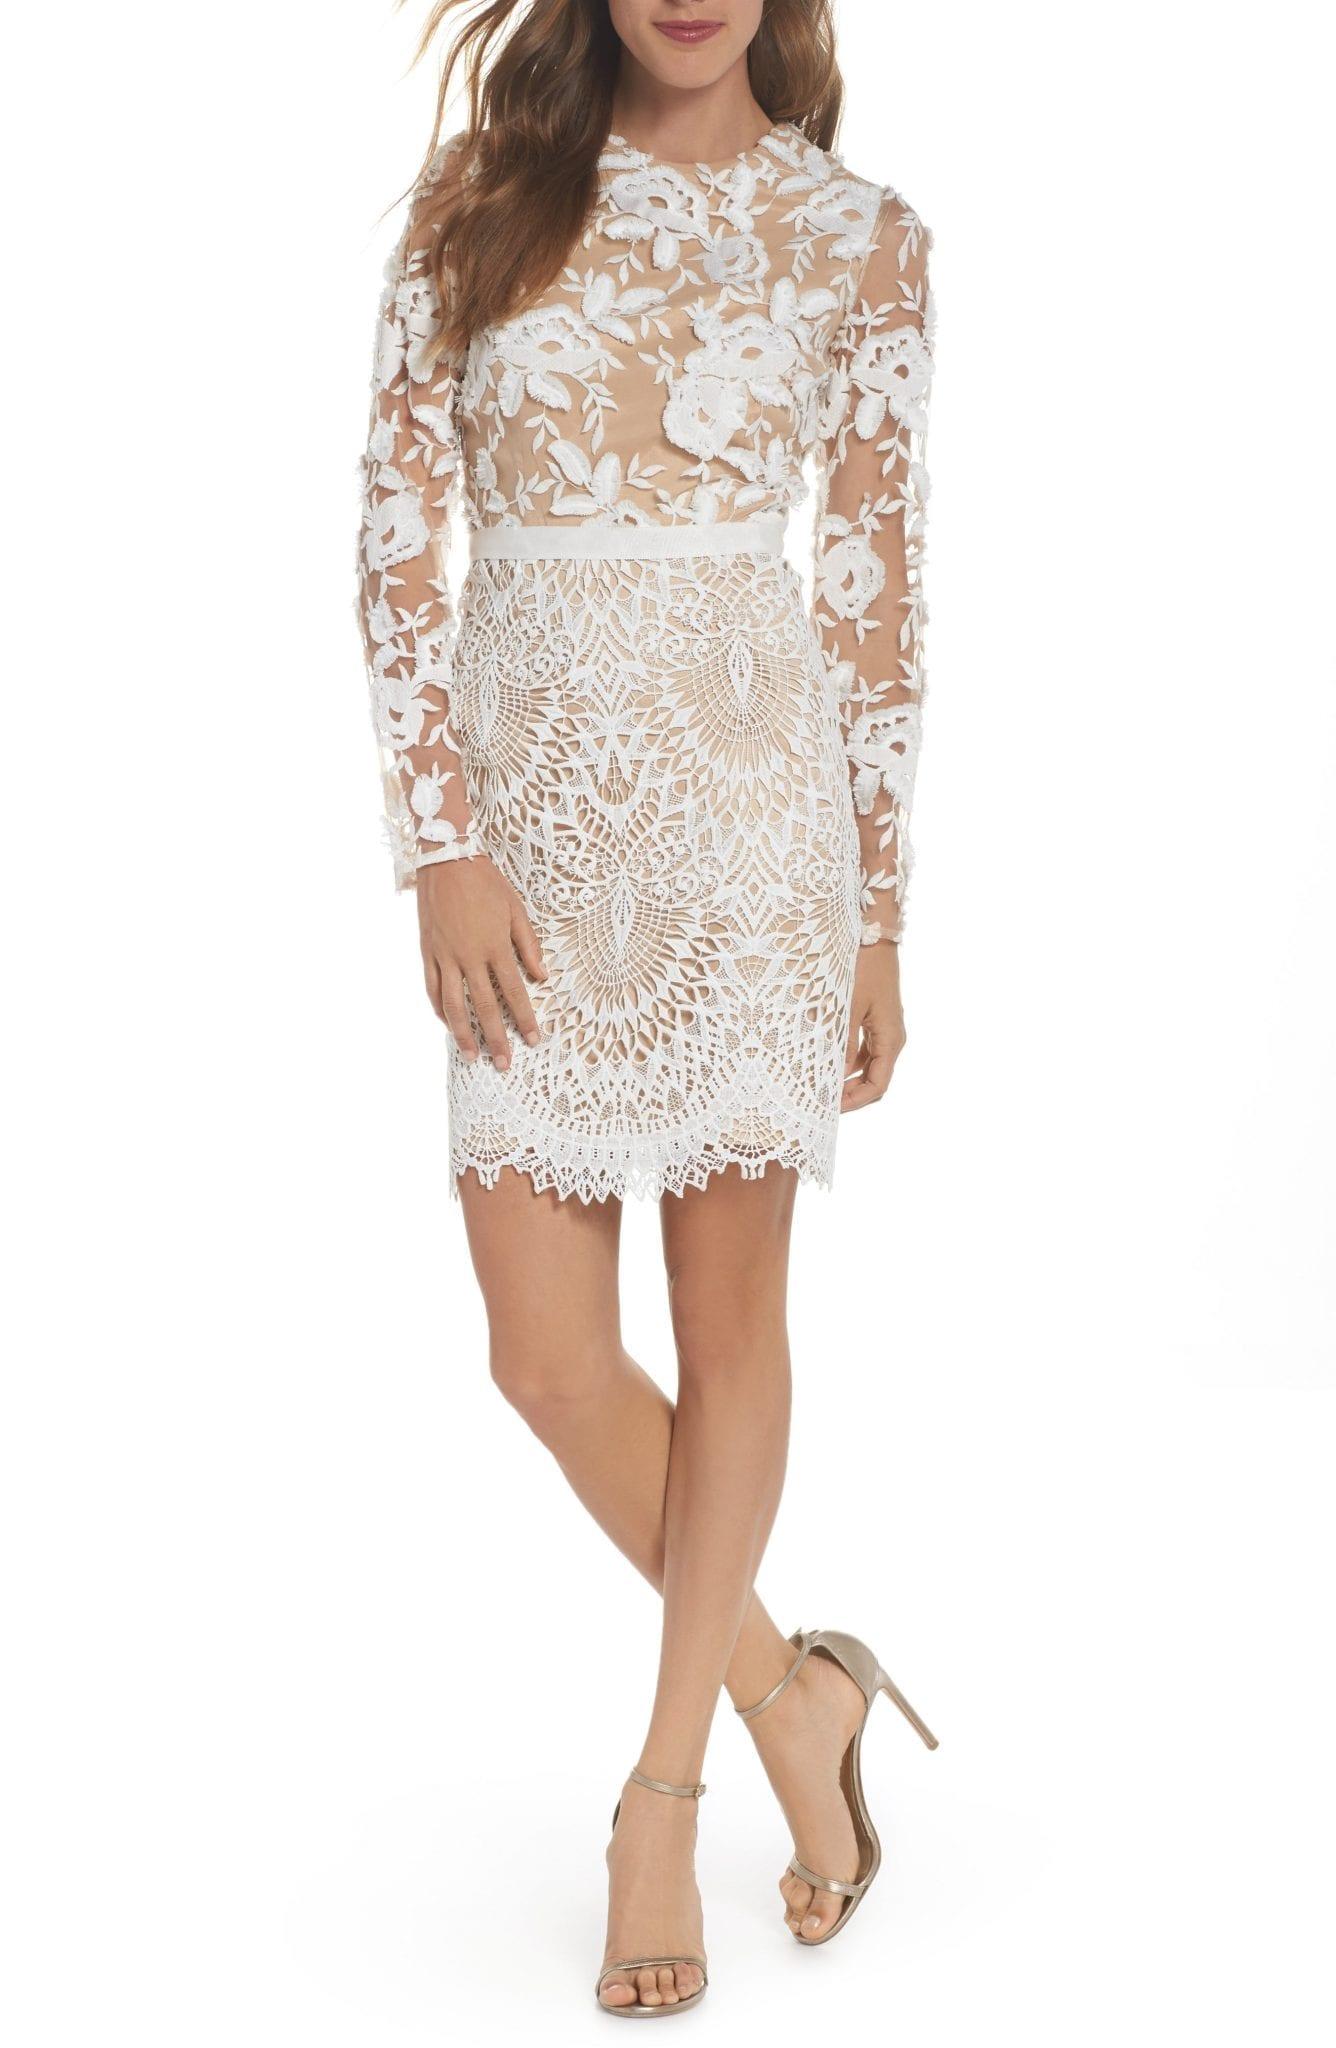 ML MONIQUE LHUILLIER Calypso Long Sleeve Lace Cocktail Dress